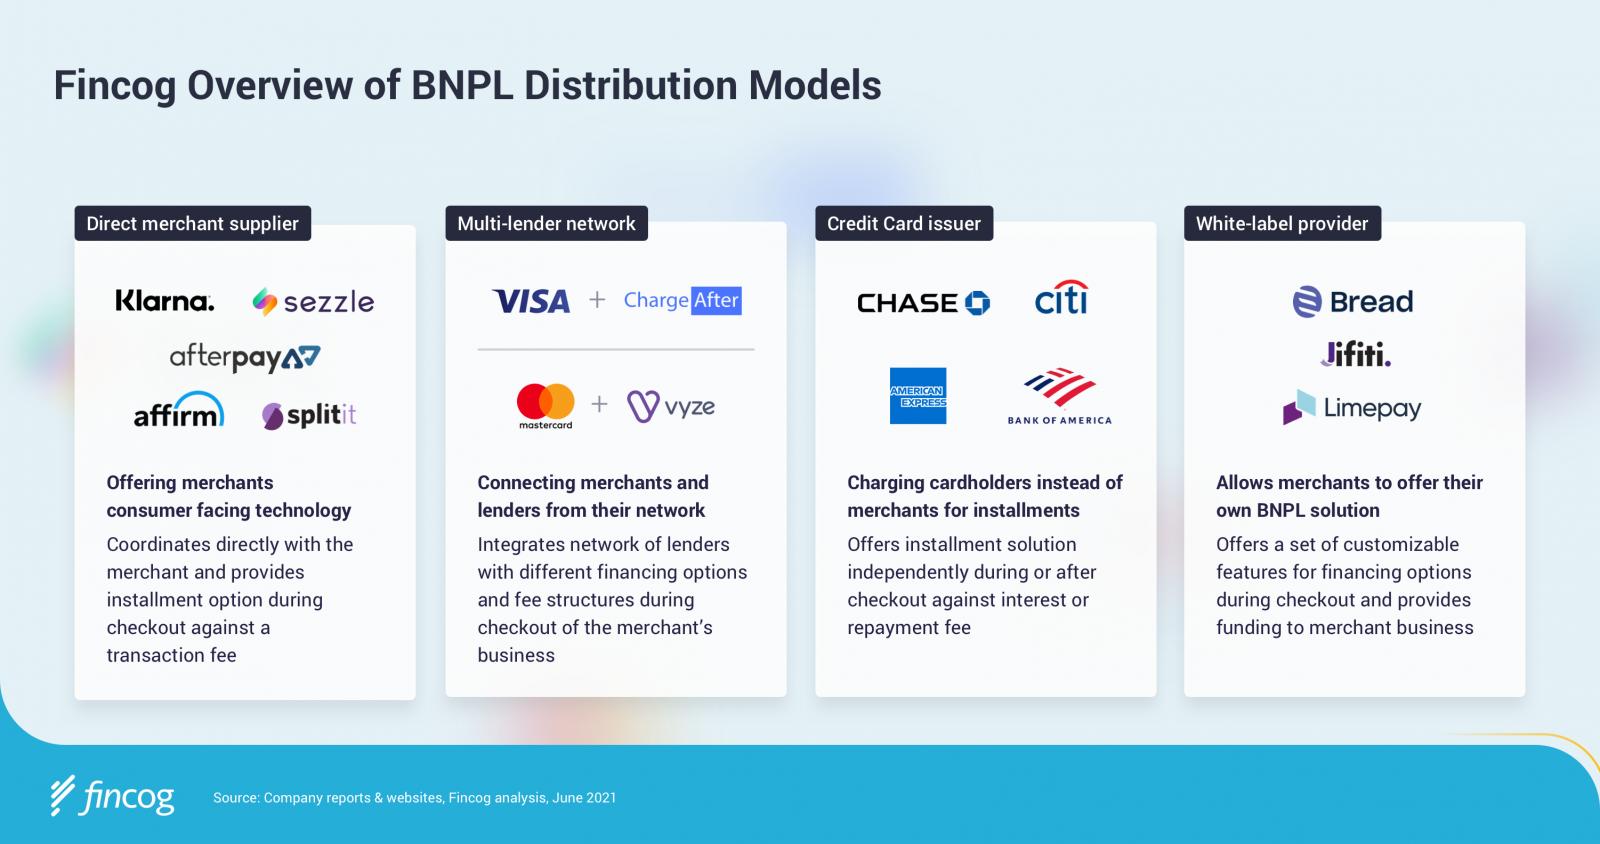 Fincog Overview of BNPL Distribution Models